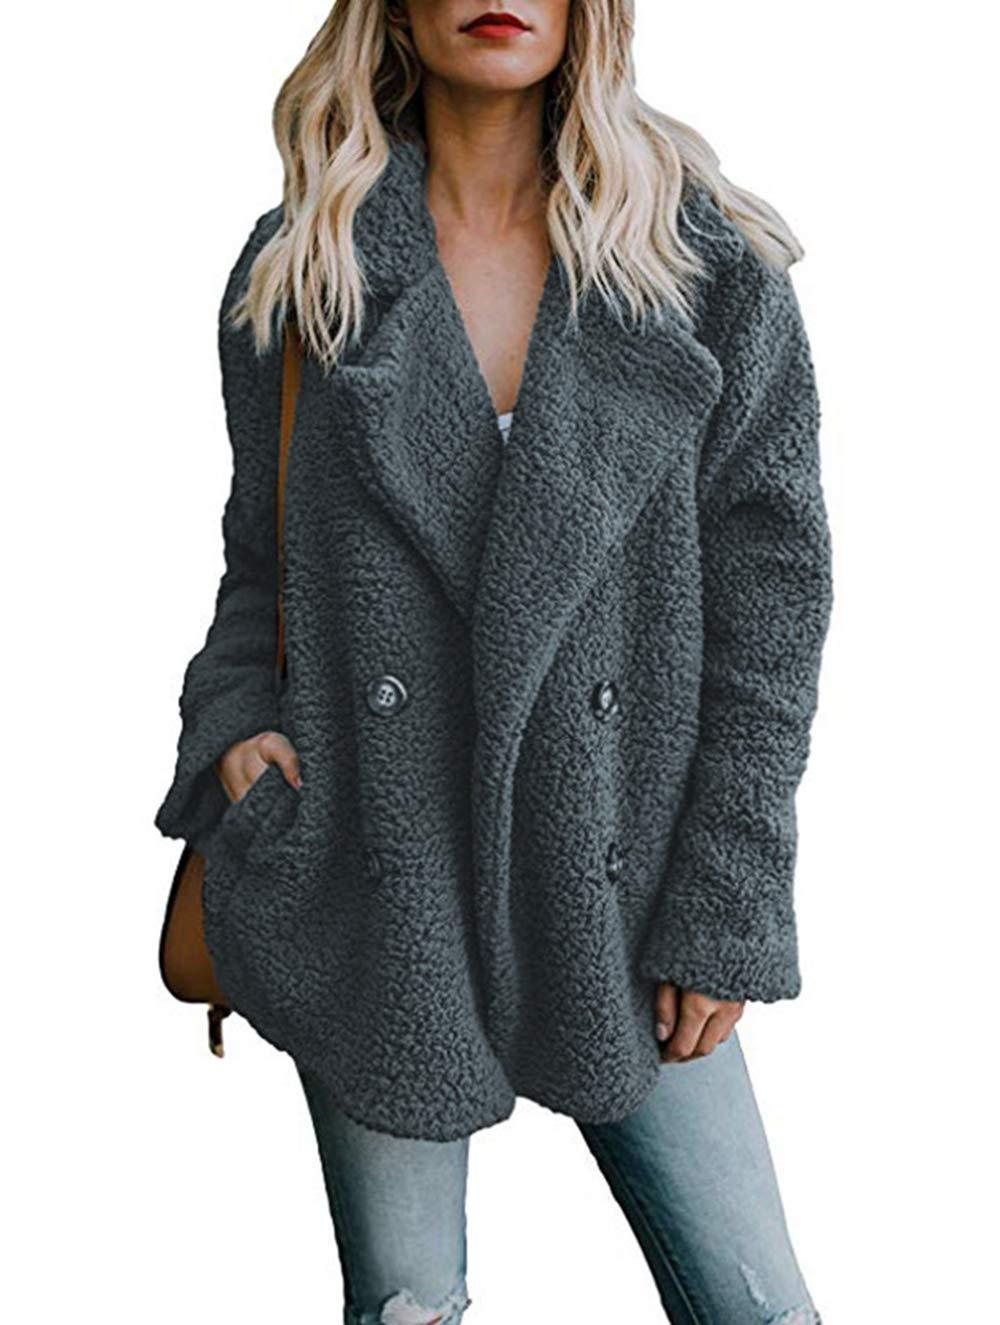 Asskdan Women's Open Front Fuzzy Cardigan Warm Fleece Jacket Coat Long Sleeve Oversized Coat Outwear with Pockets (Dark Grey, L) by Asskdan (Image #1)